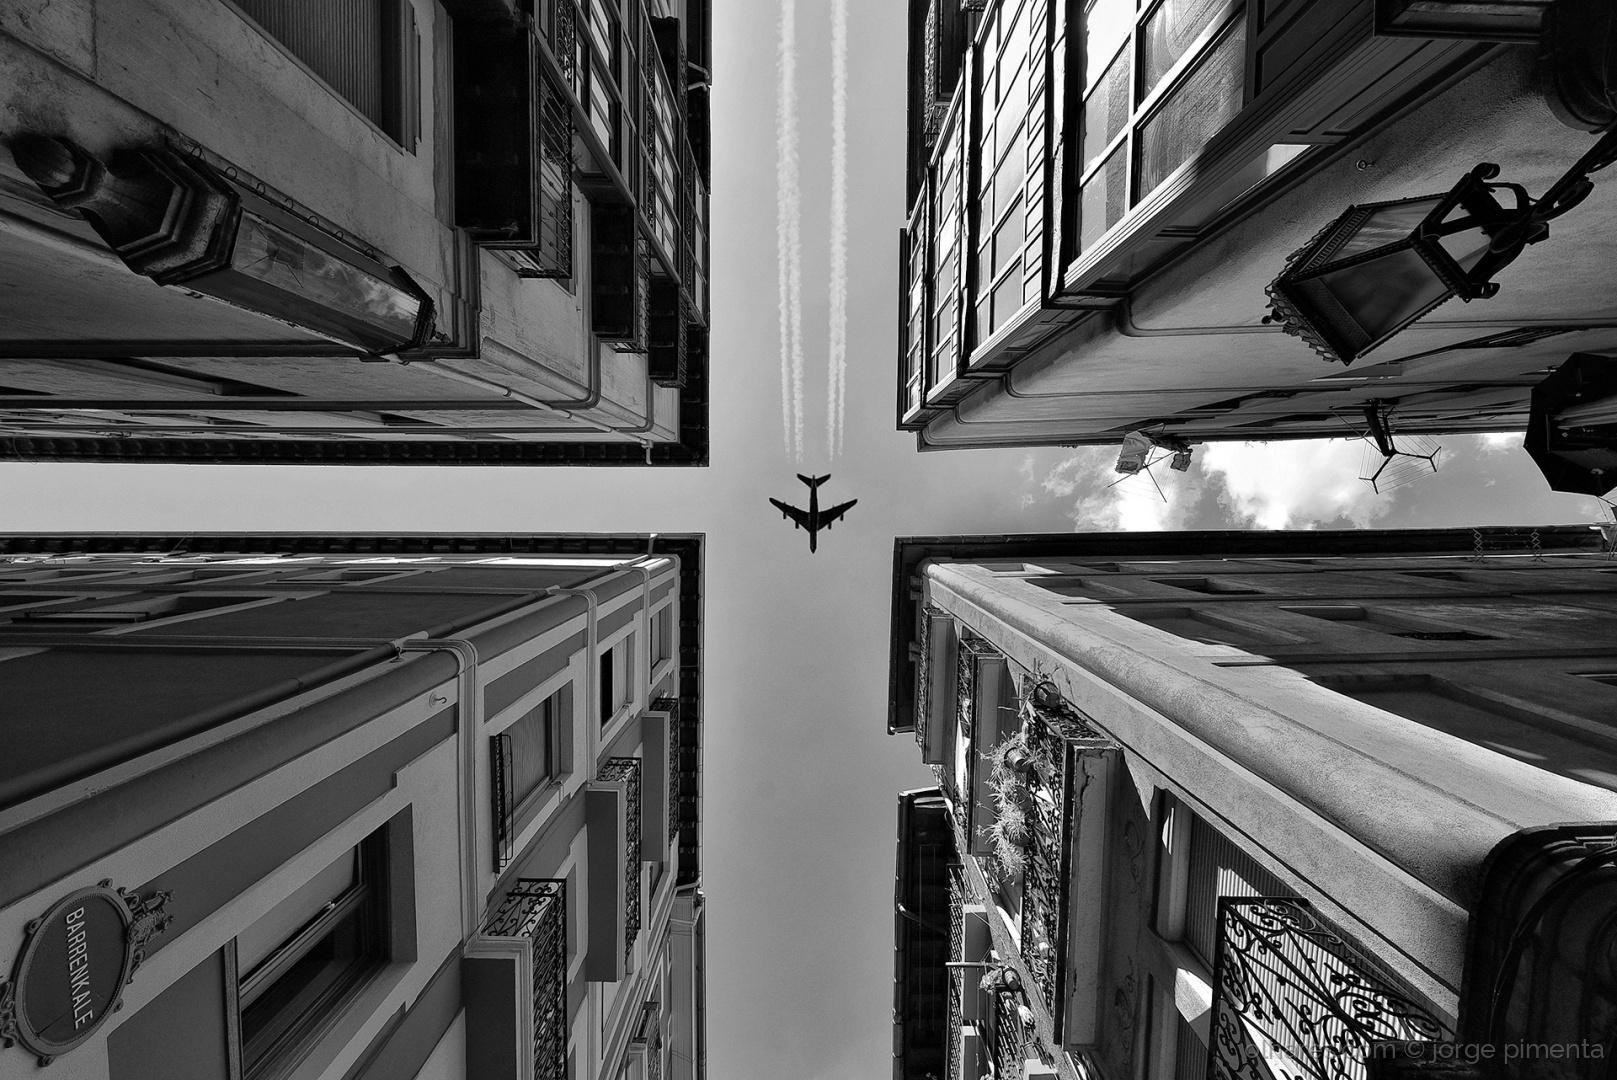 Arquitetura/Os telhados do céu